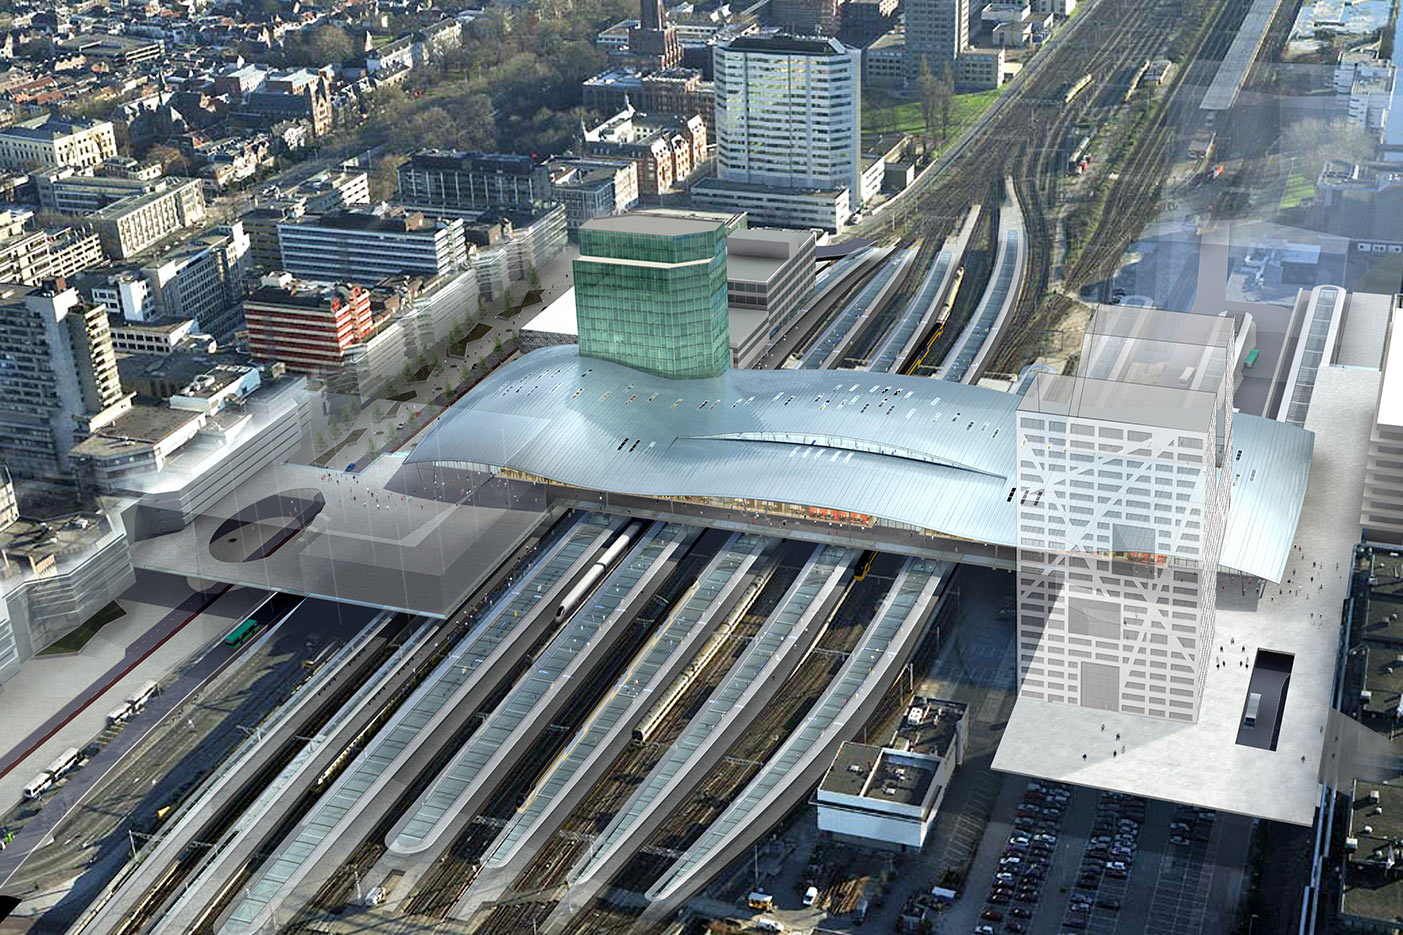 OVT_en_Stadskantoor_dec_2009